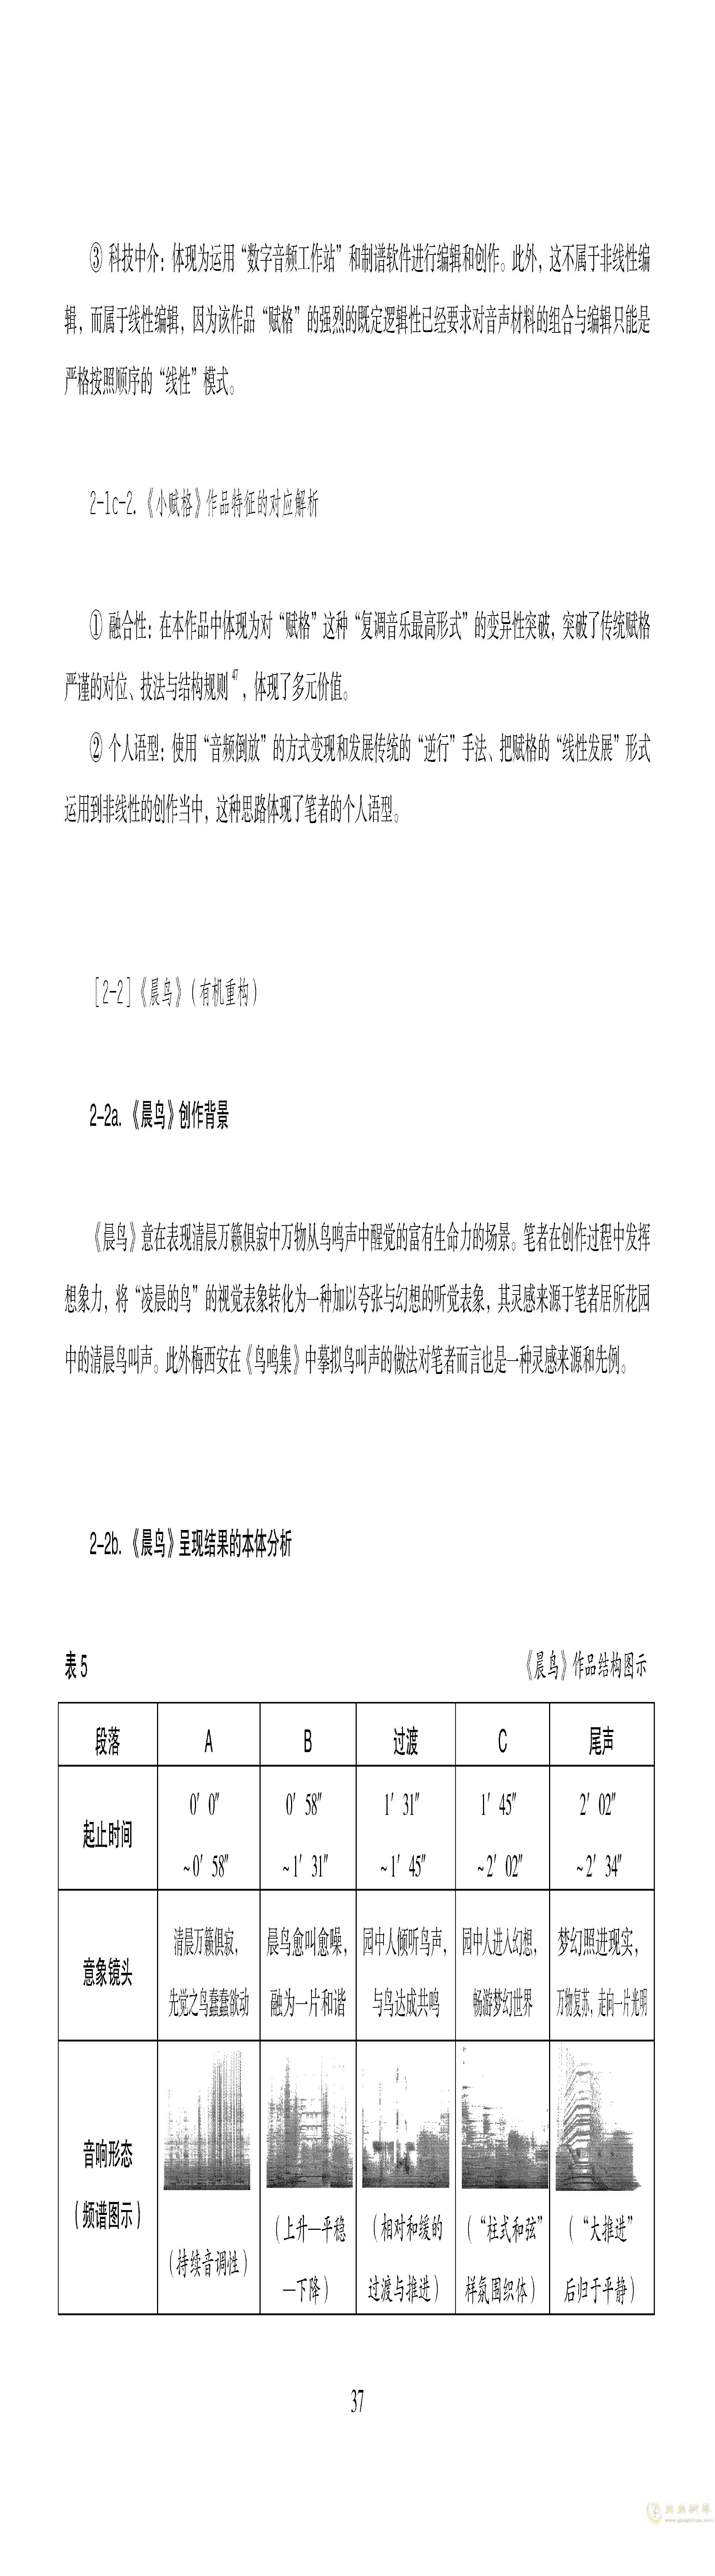 真·硕士论文ag88环亚娱乐谱 第41页